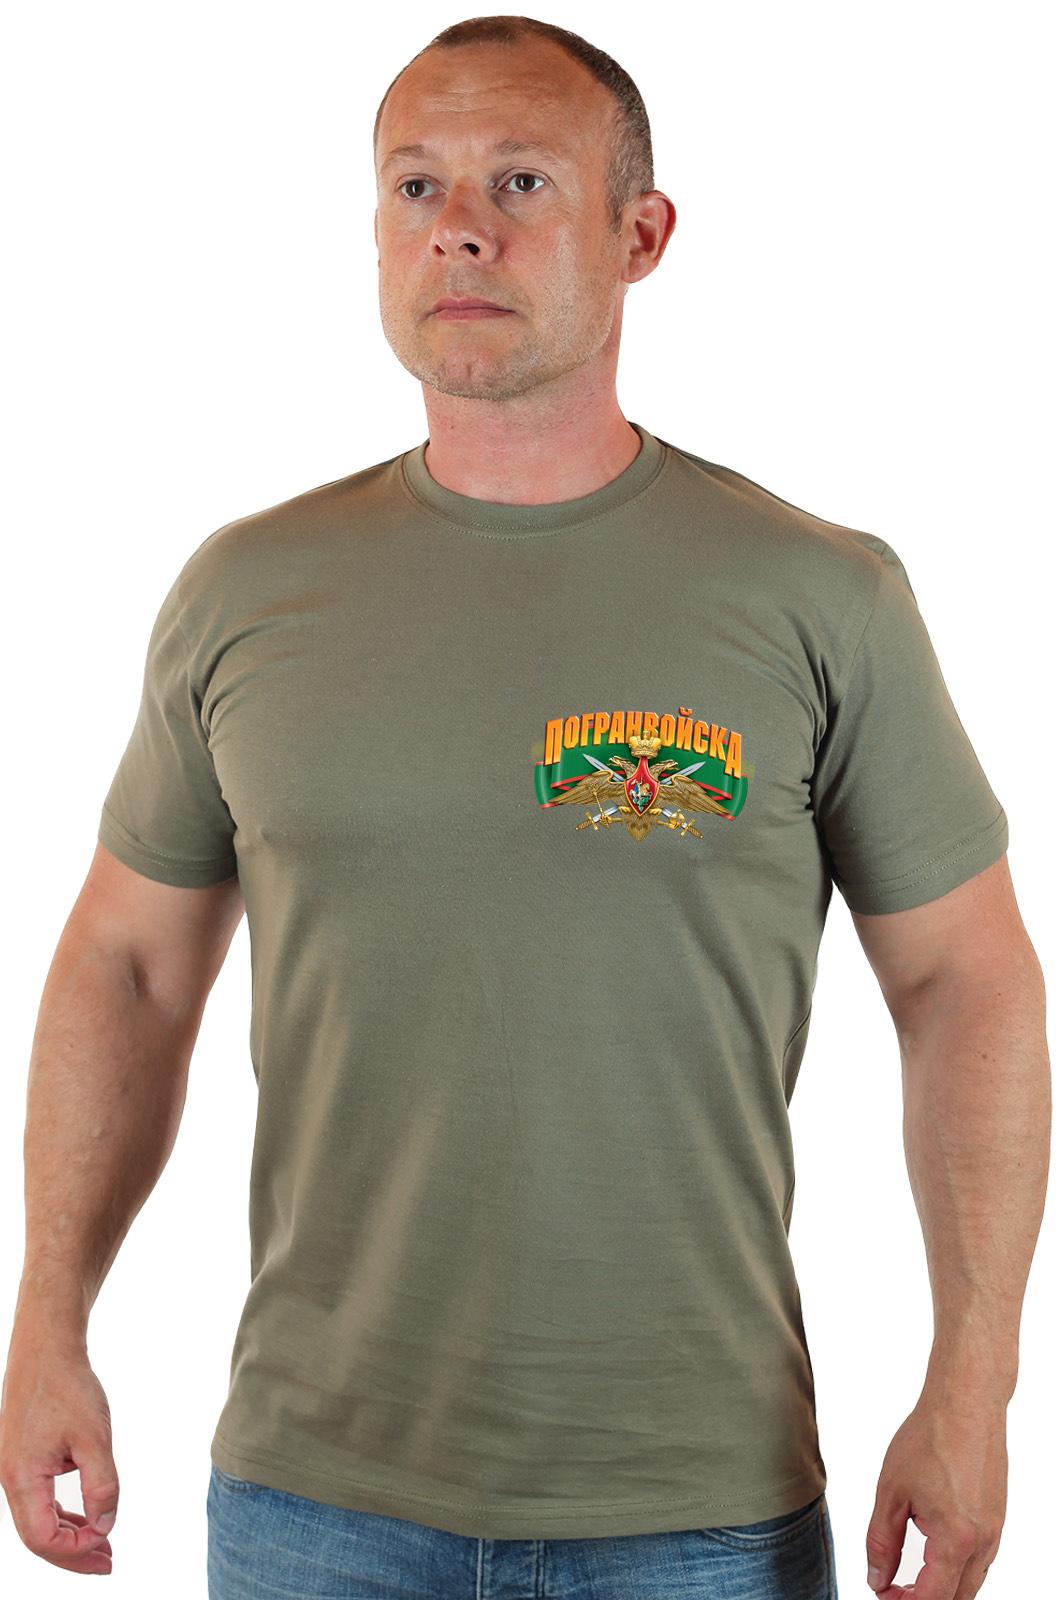 Выбирайте подарки пограничникам в военторге Военпро – футболки, толстовки, шорты